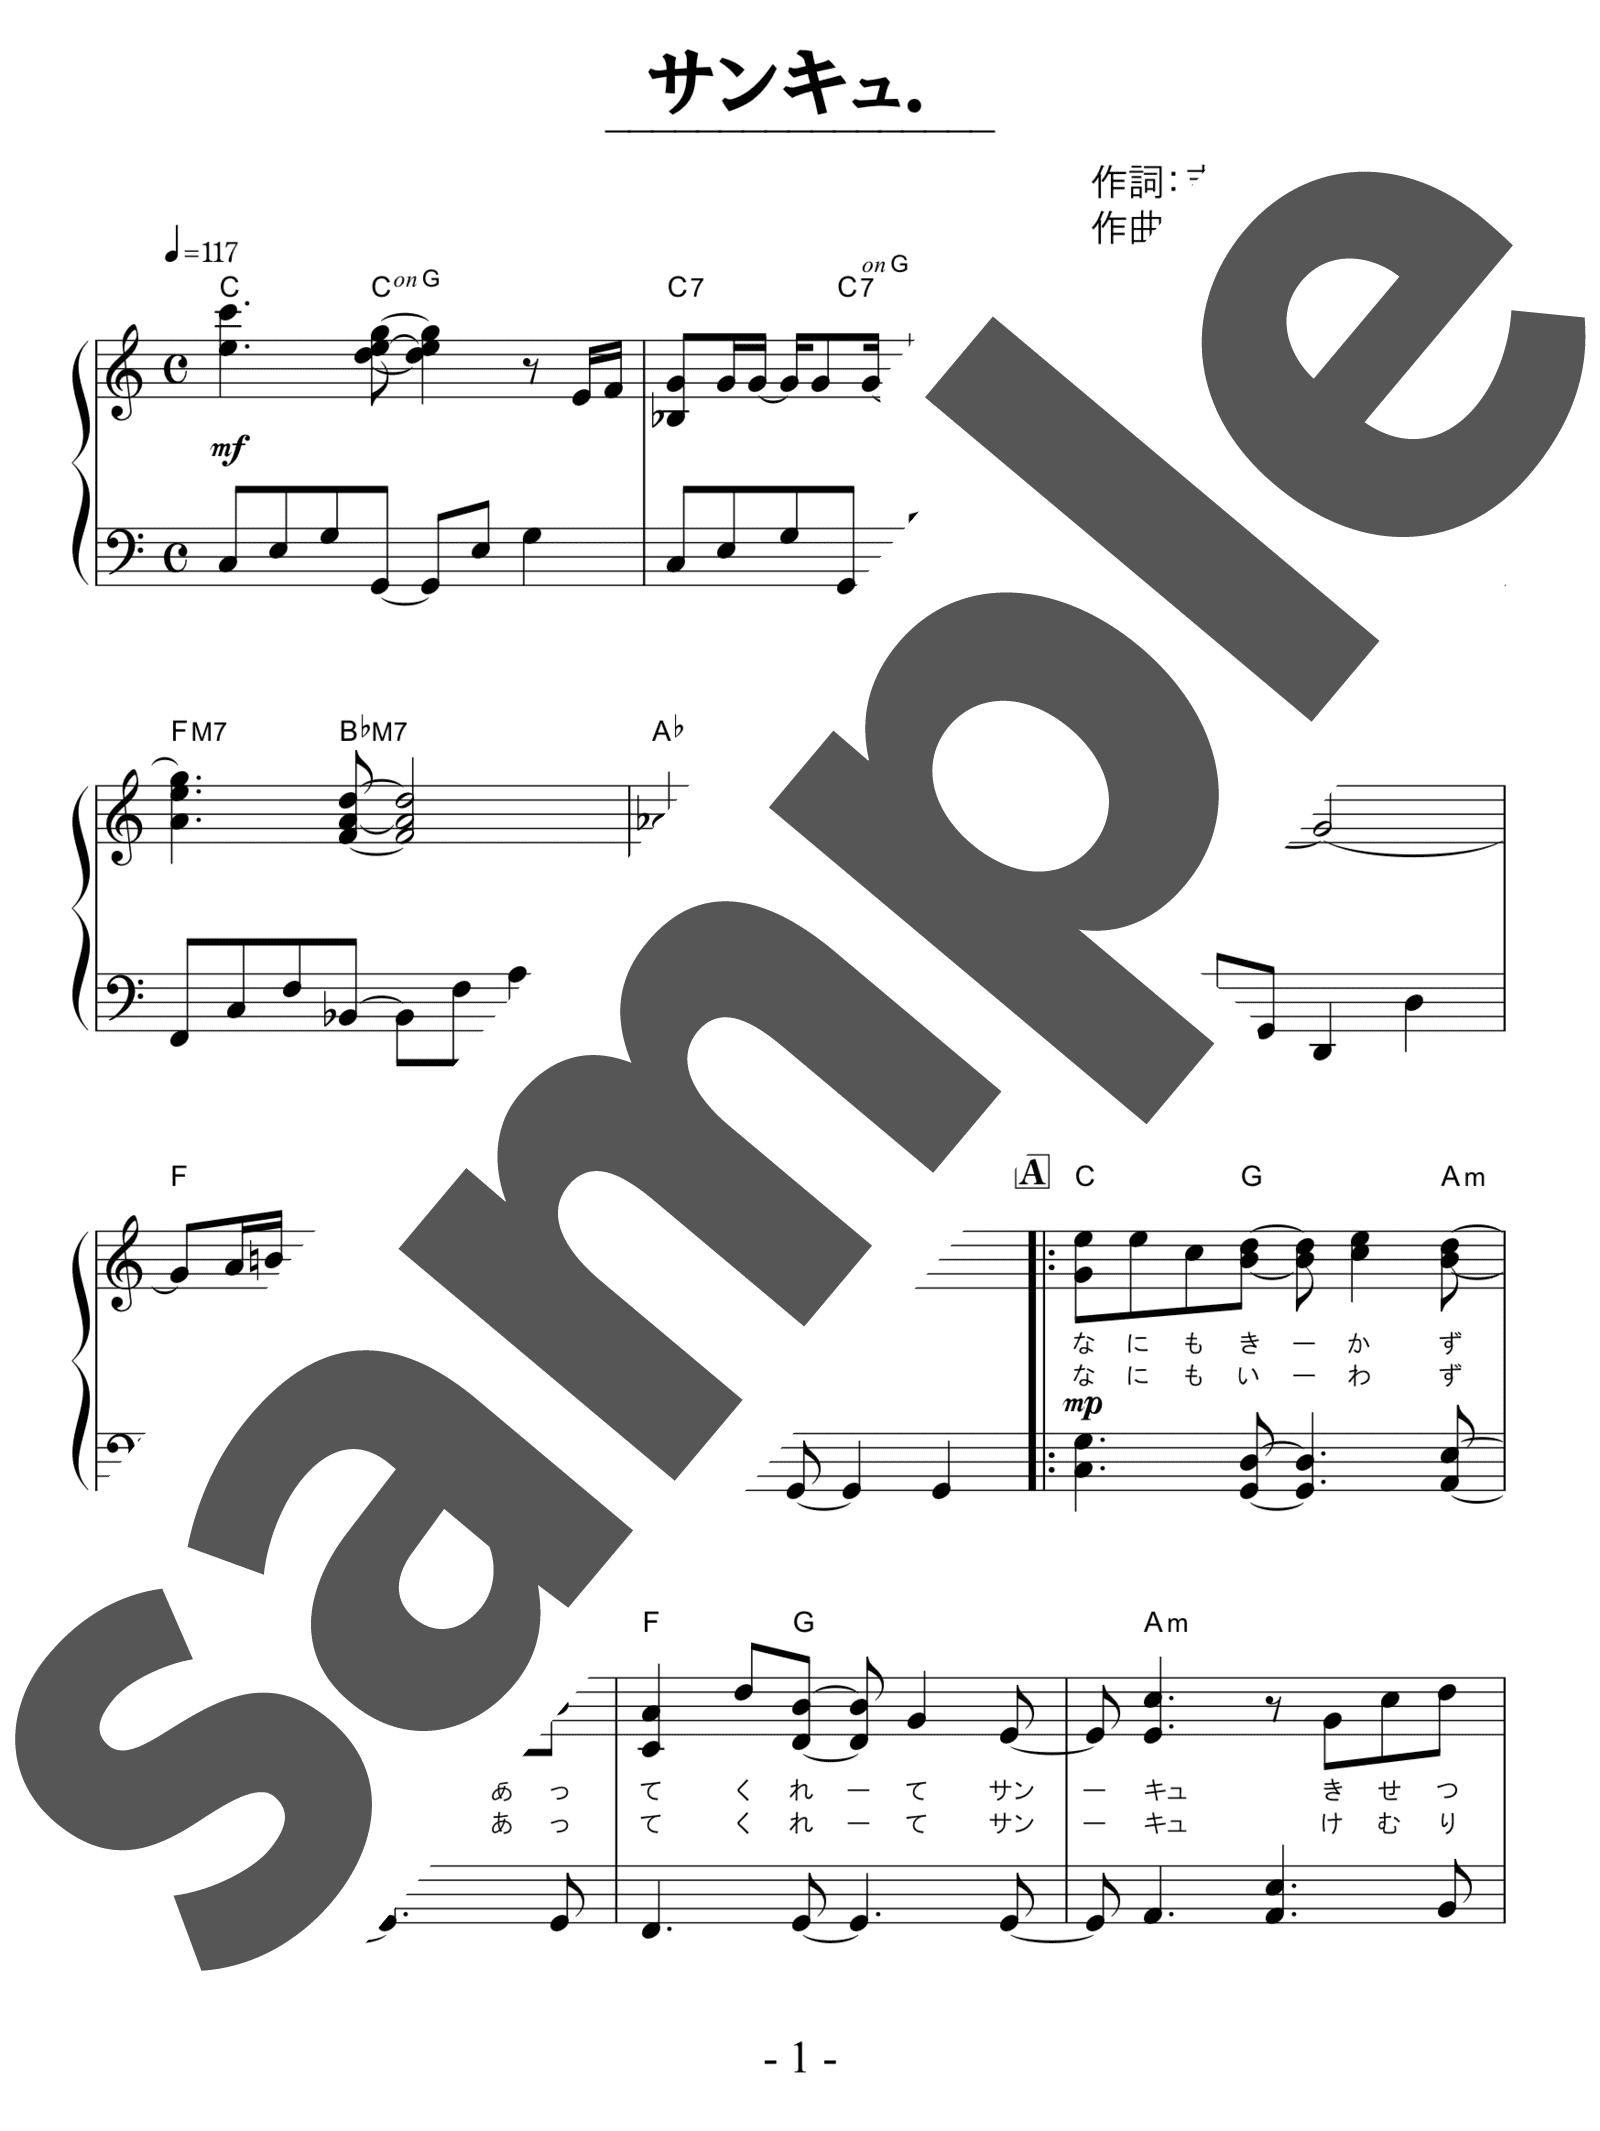 「サンキュ.」のサンプル楽譜